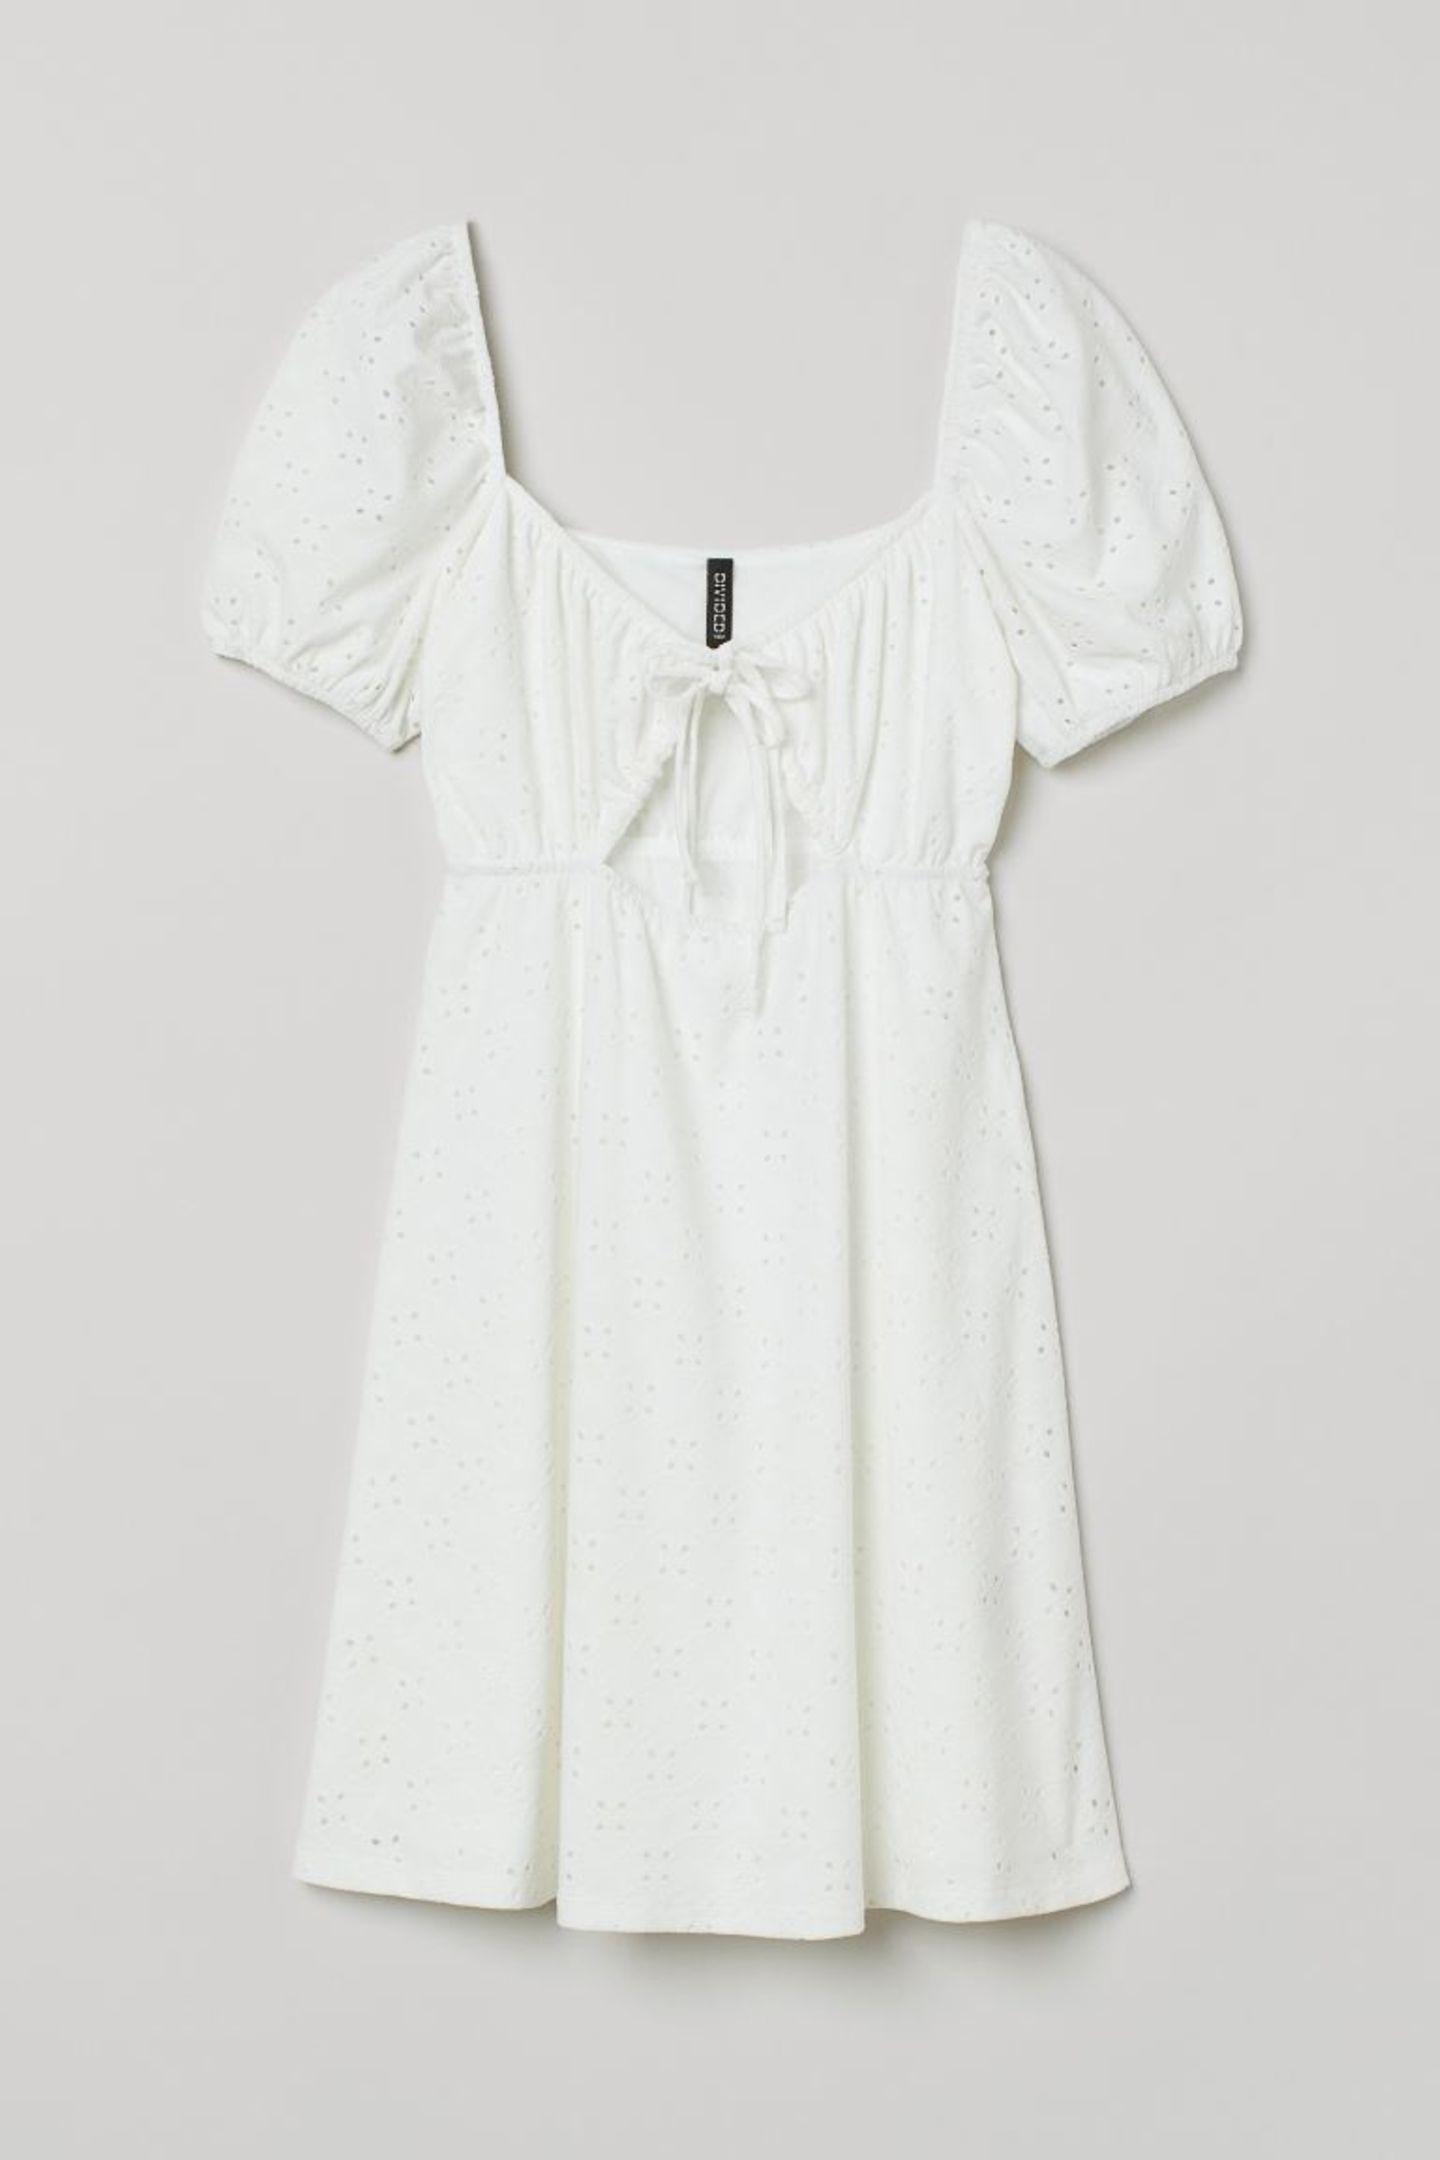 Ein weißes Sommerkleid gehört einfach in jeden Schrank, vor allem, wenn es so schöne Details hat wie dieses hier. Die Puffärmel und Cut-Outs machen es richtig besonders. Von H&M, ursprünglich für circa 15 Euro erhältlich.